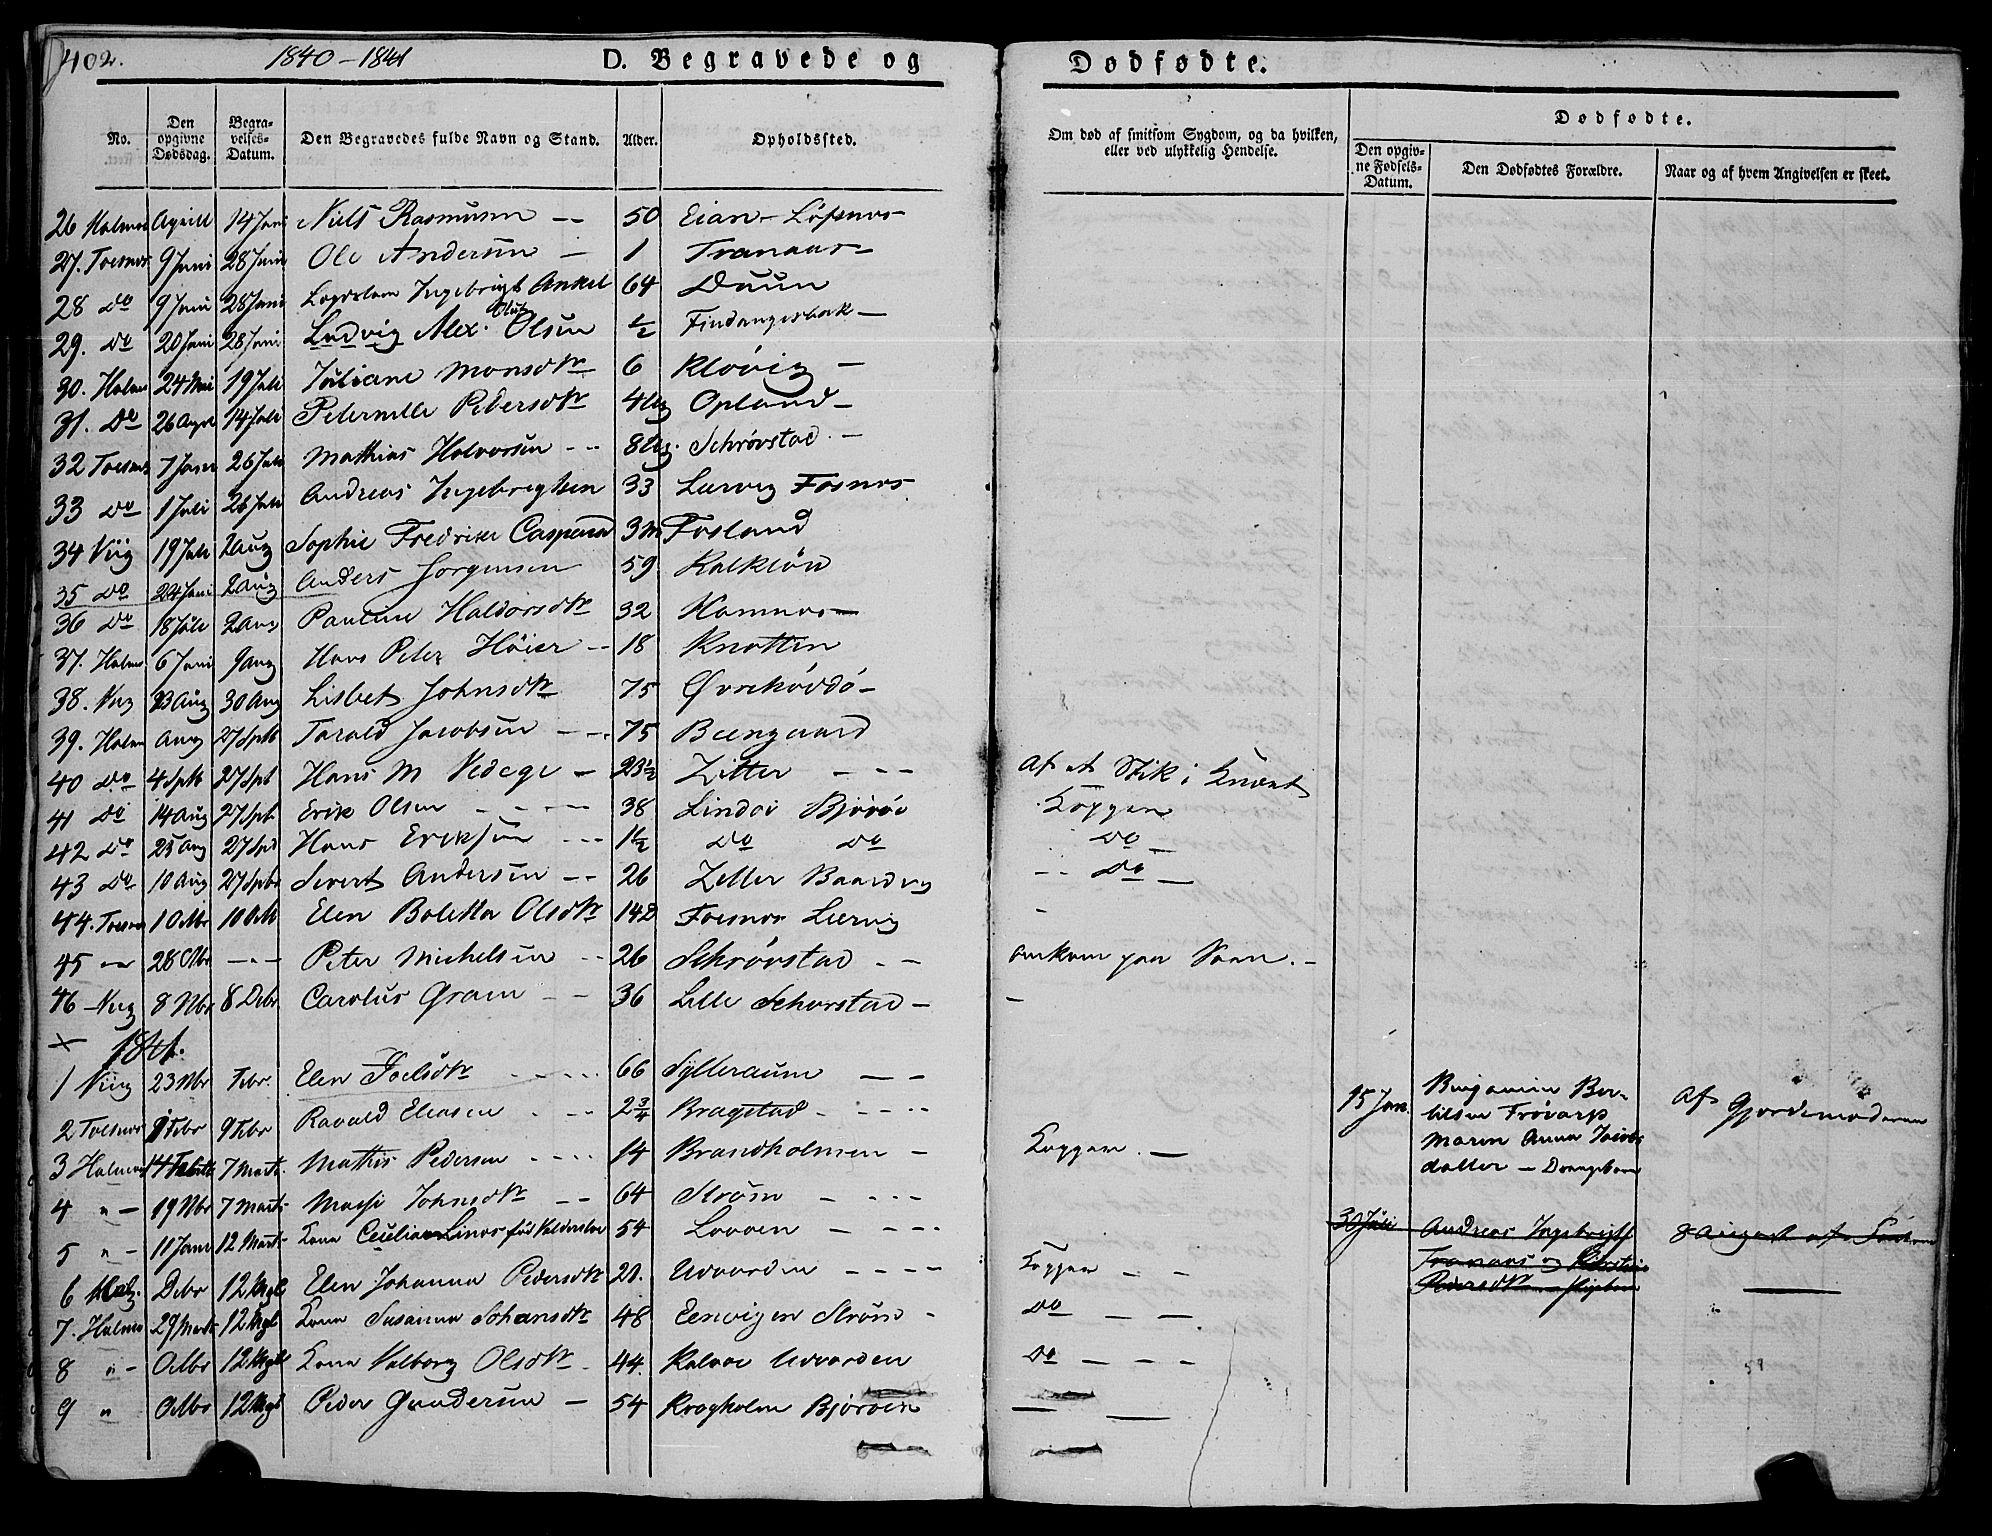 SAT, Ministerialprotokoller, klokkerbøker og fødselsregistre - Nord-Trøndelag, 773/L0614: Ministerialbok nr. 773A05, 1831-1856, s. 402